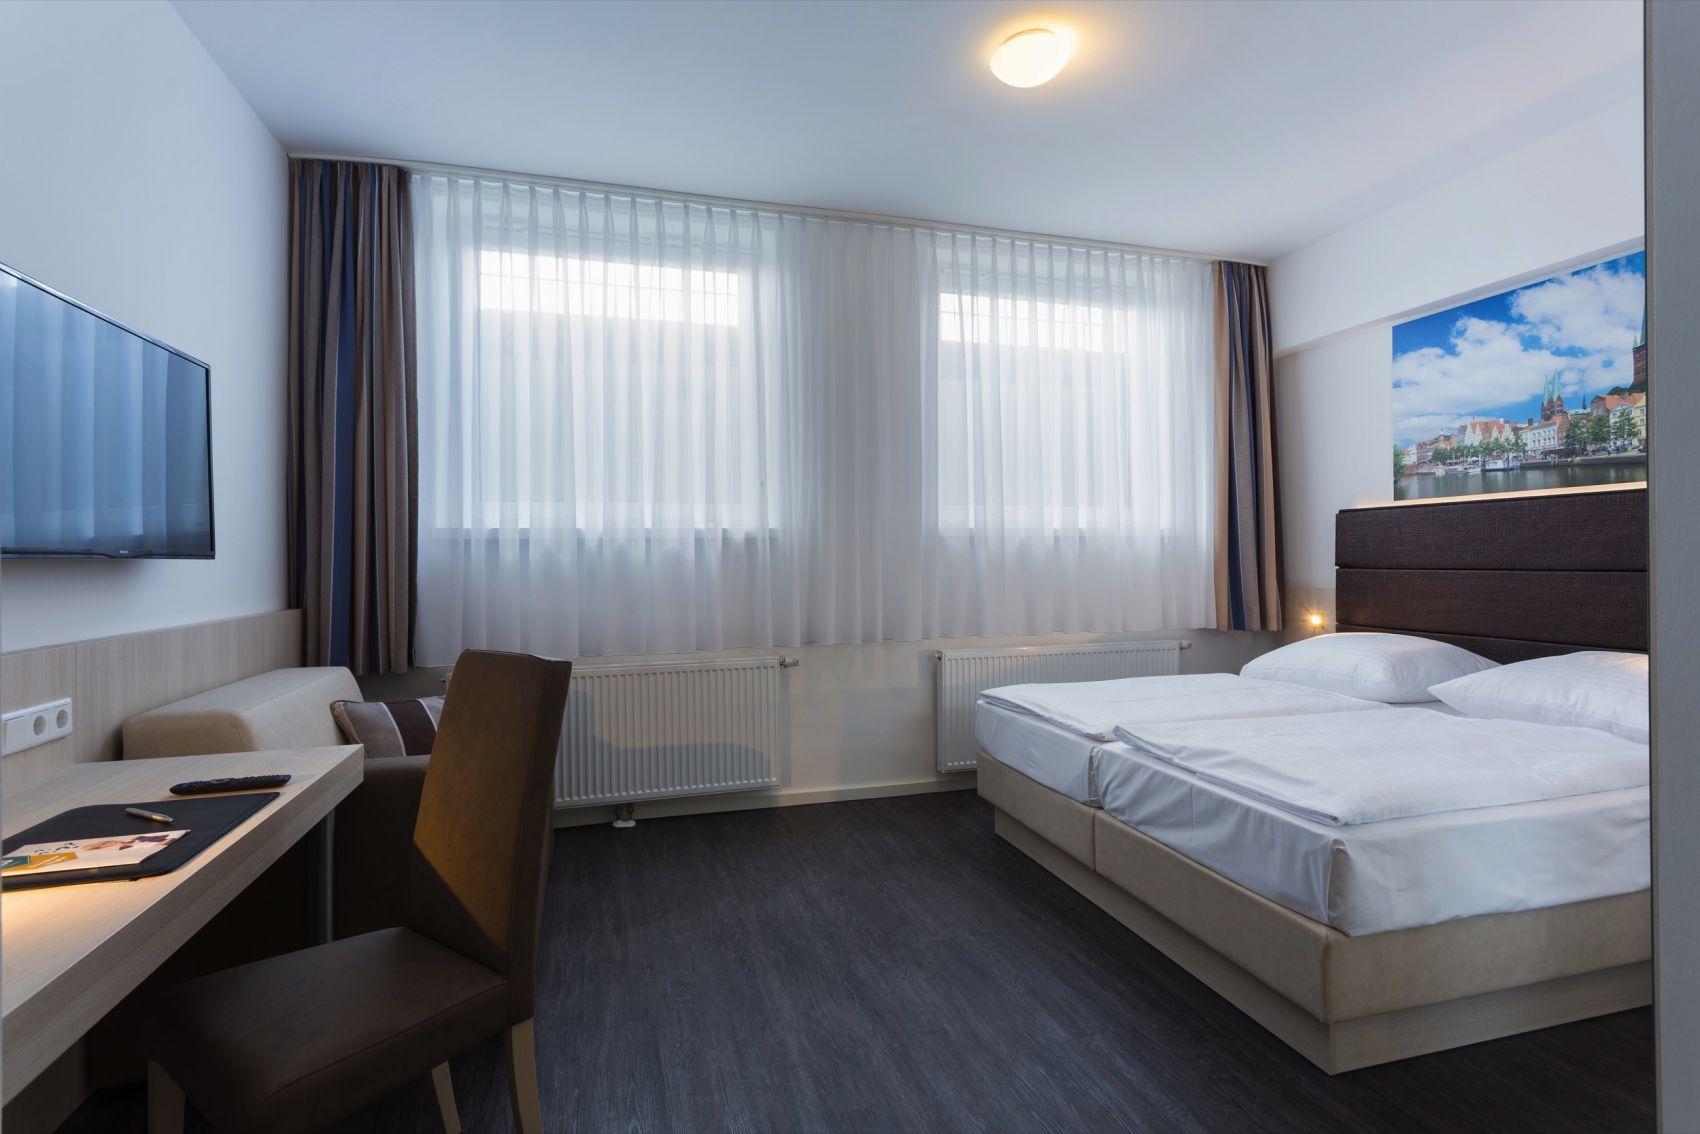 Hostel Ostsee | Das Viva Hotel in Lübeck